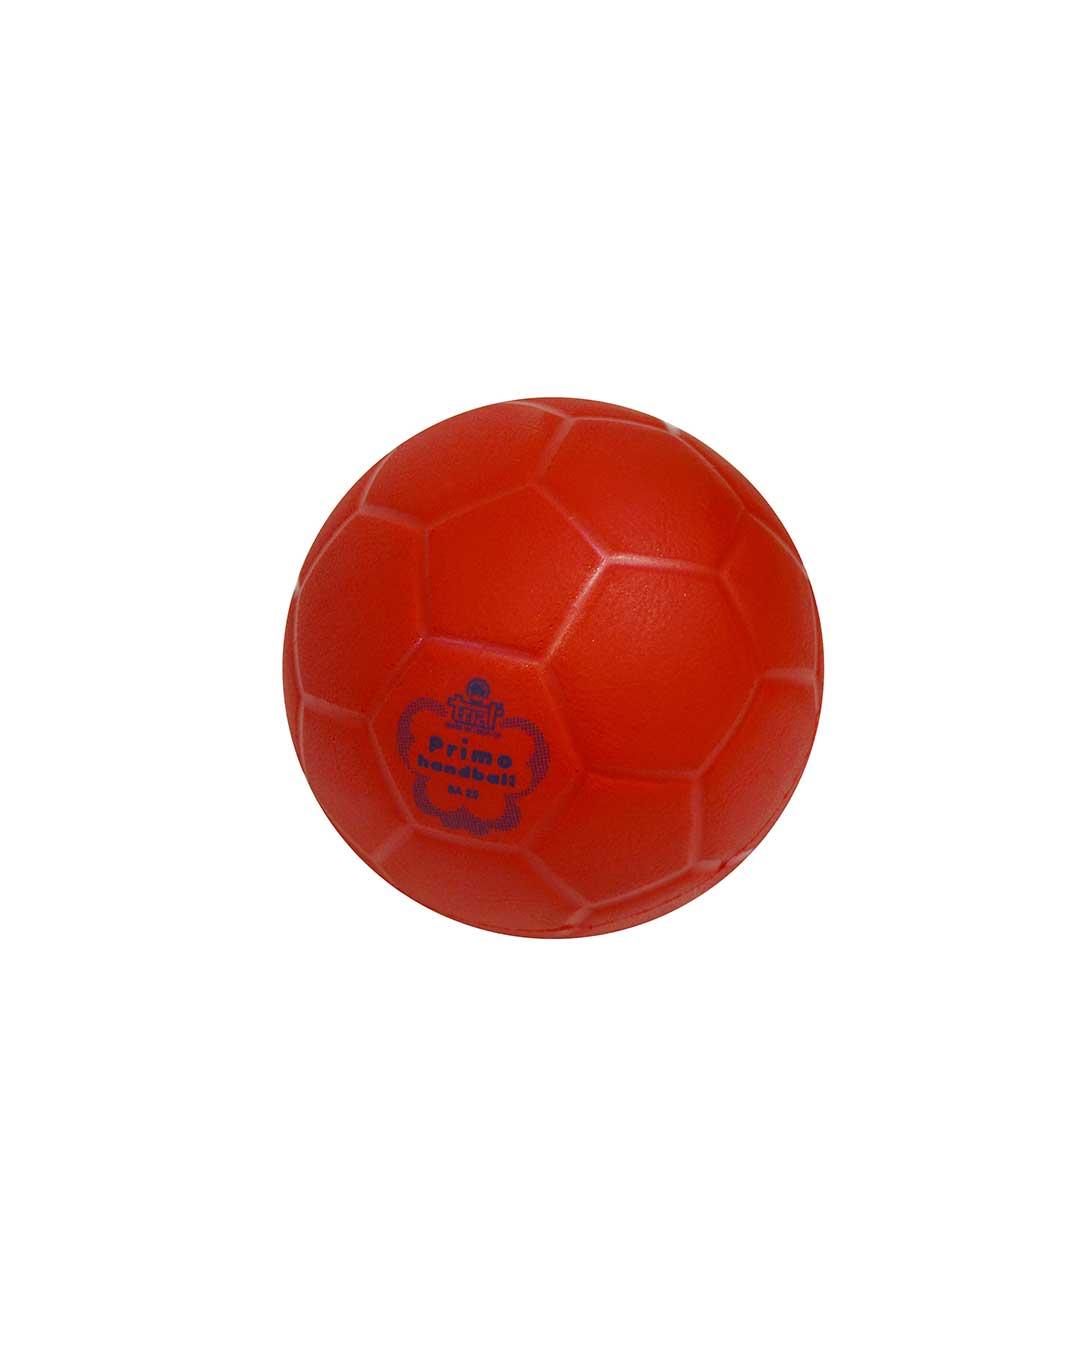 Balón de Iniciación Handball marca TRIAL BA 25 rojo